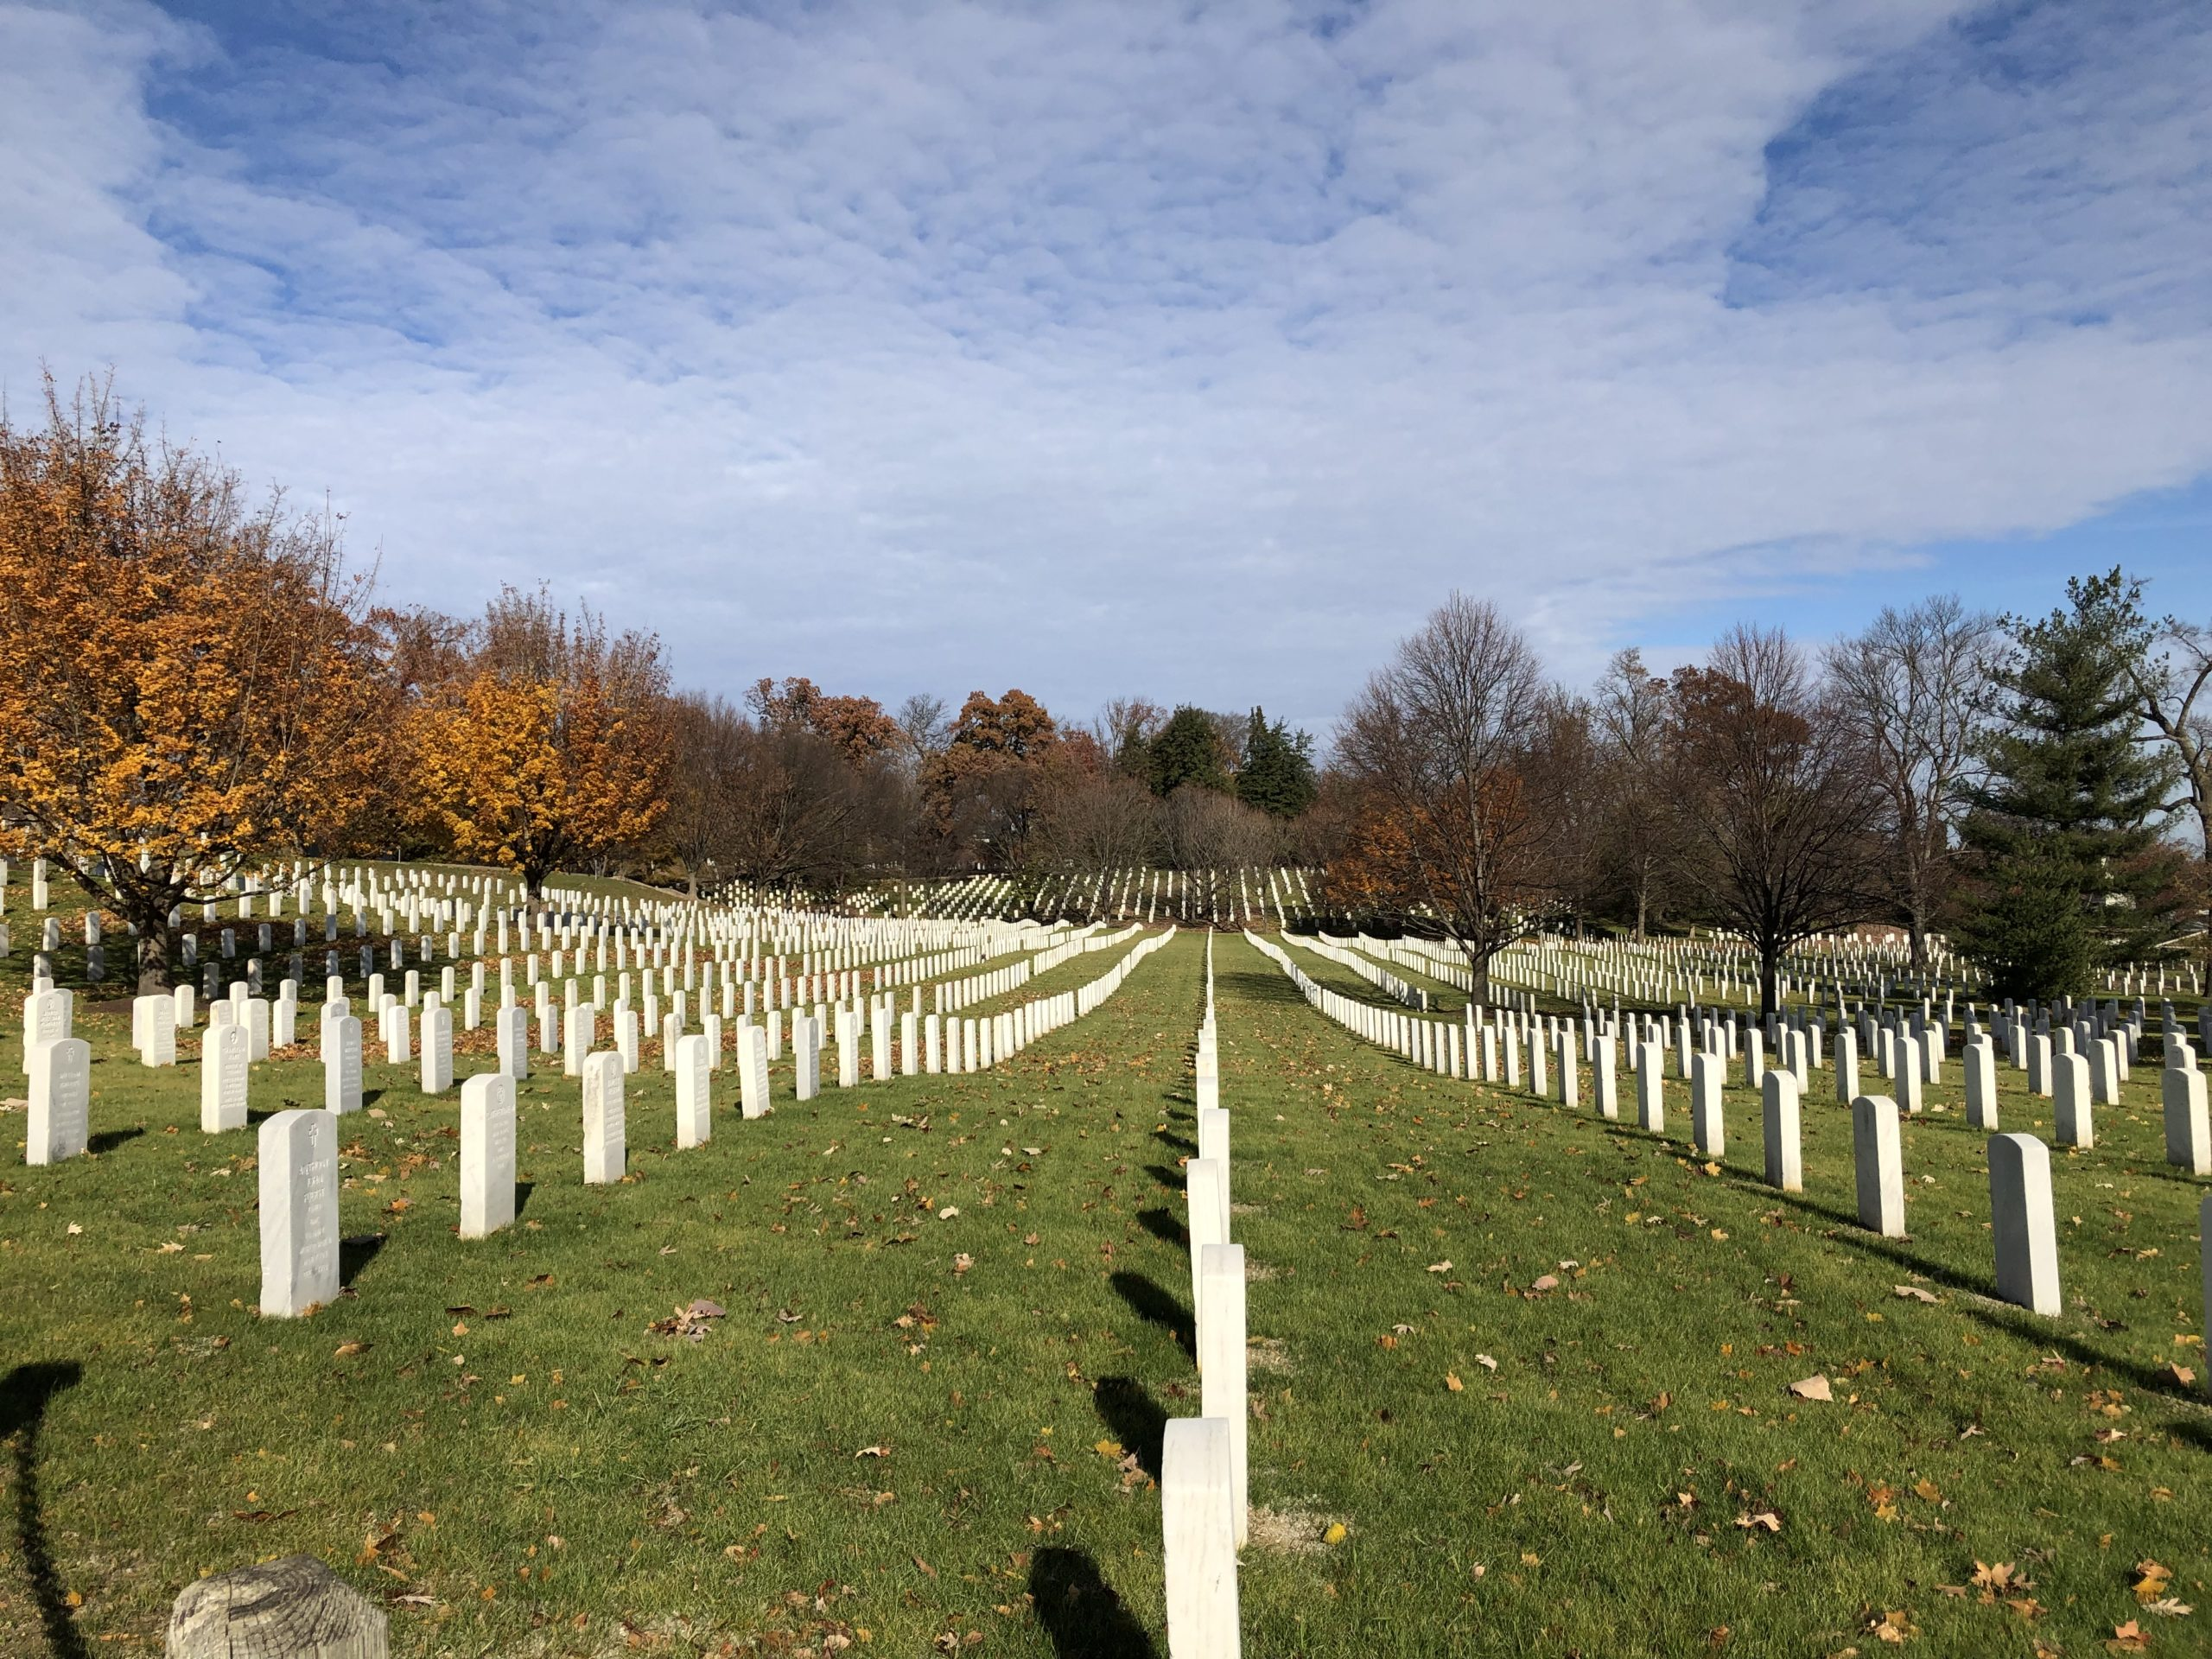 アメリカで一番有名な墓地のアーリントン国立墓地【ワシントンDC】